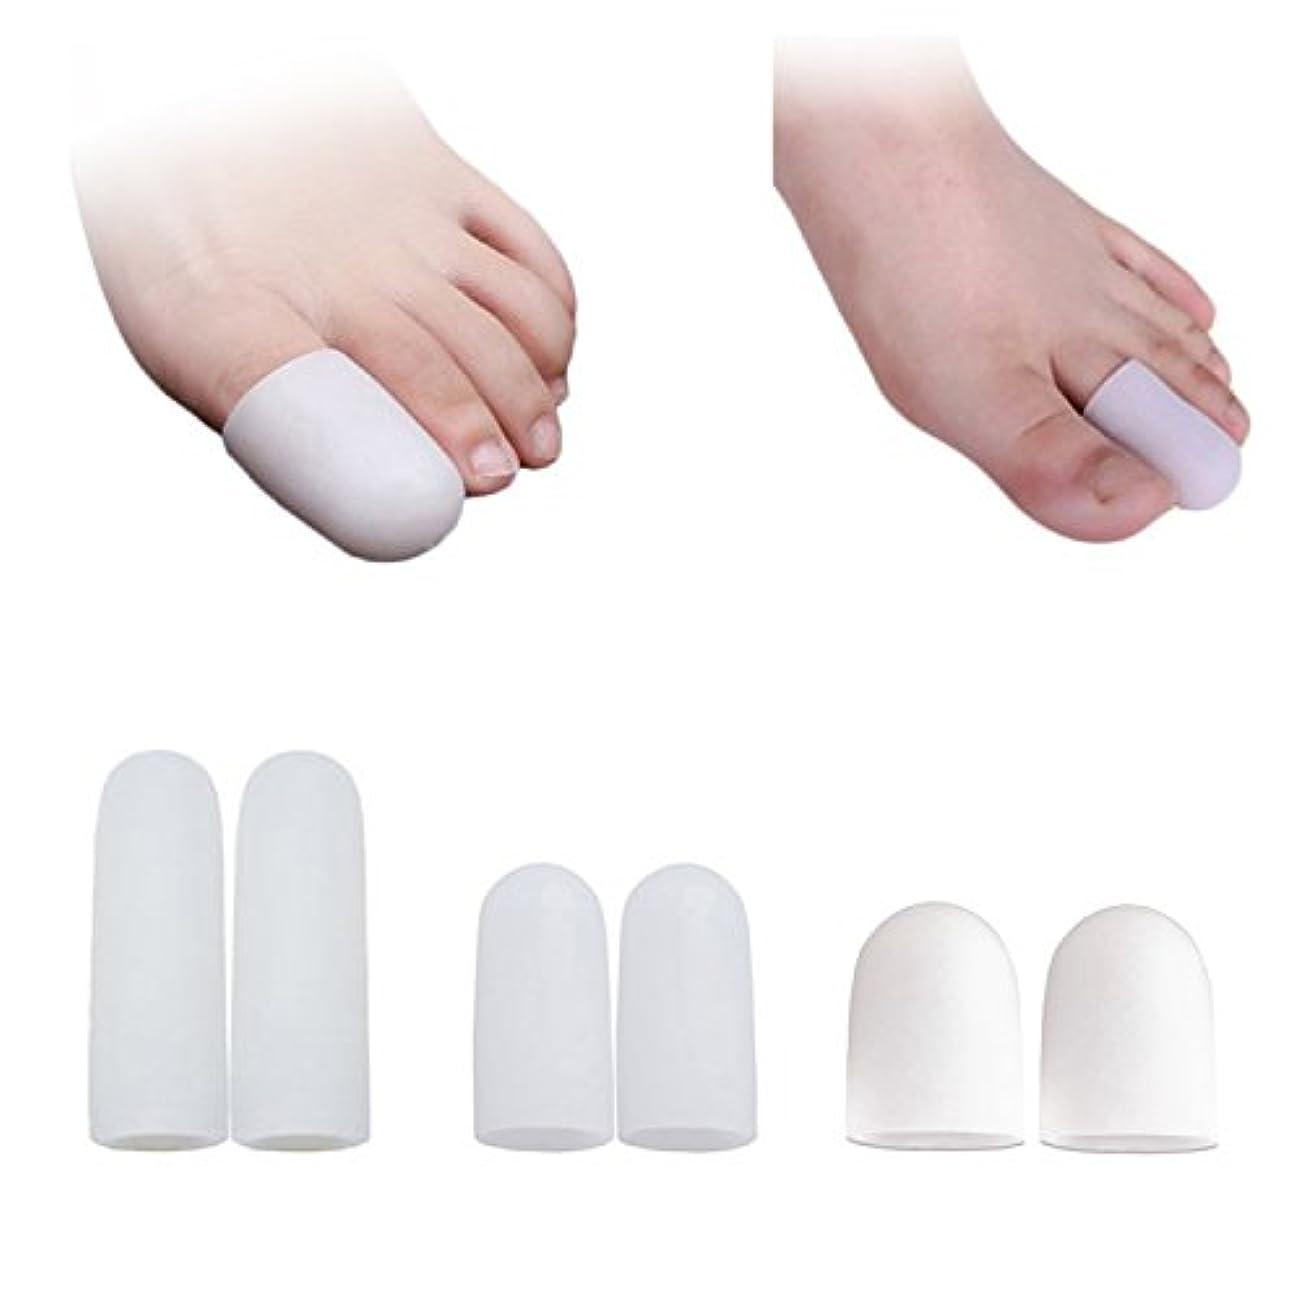 ヘルシーここに花輪足指保護キャップ つま先プロテクター 足先のつめ保護キャップ シリコン 男女兼用 (ホワイト)